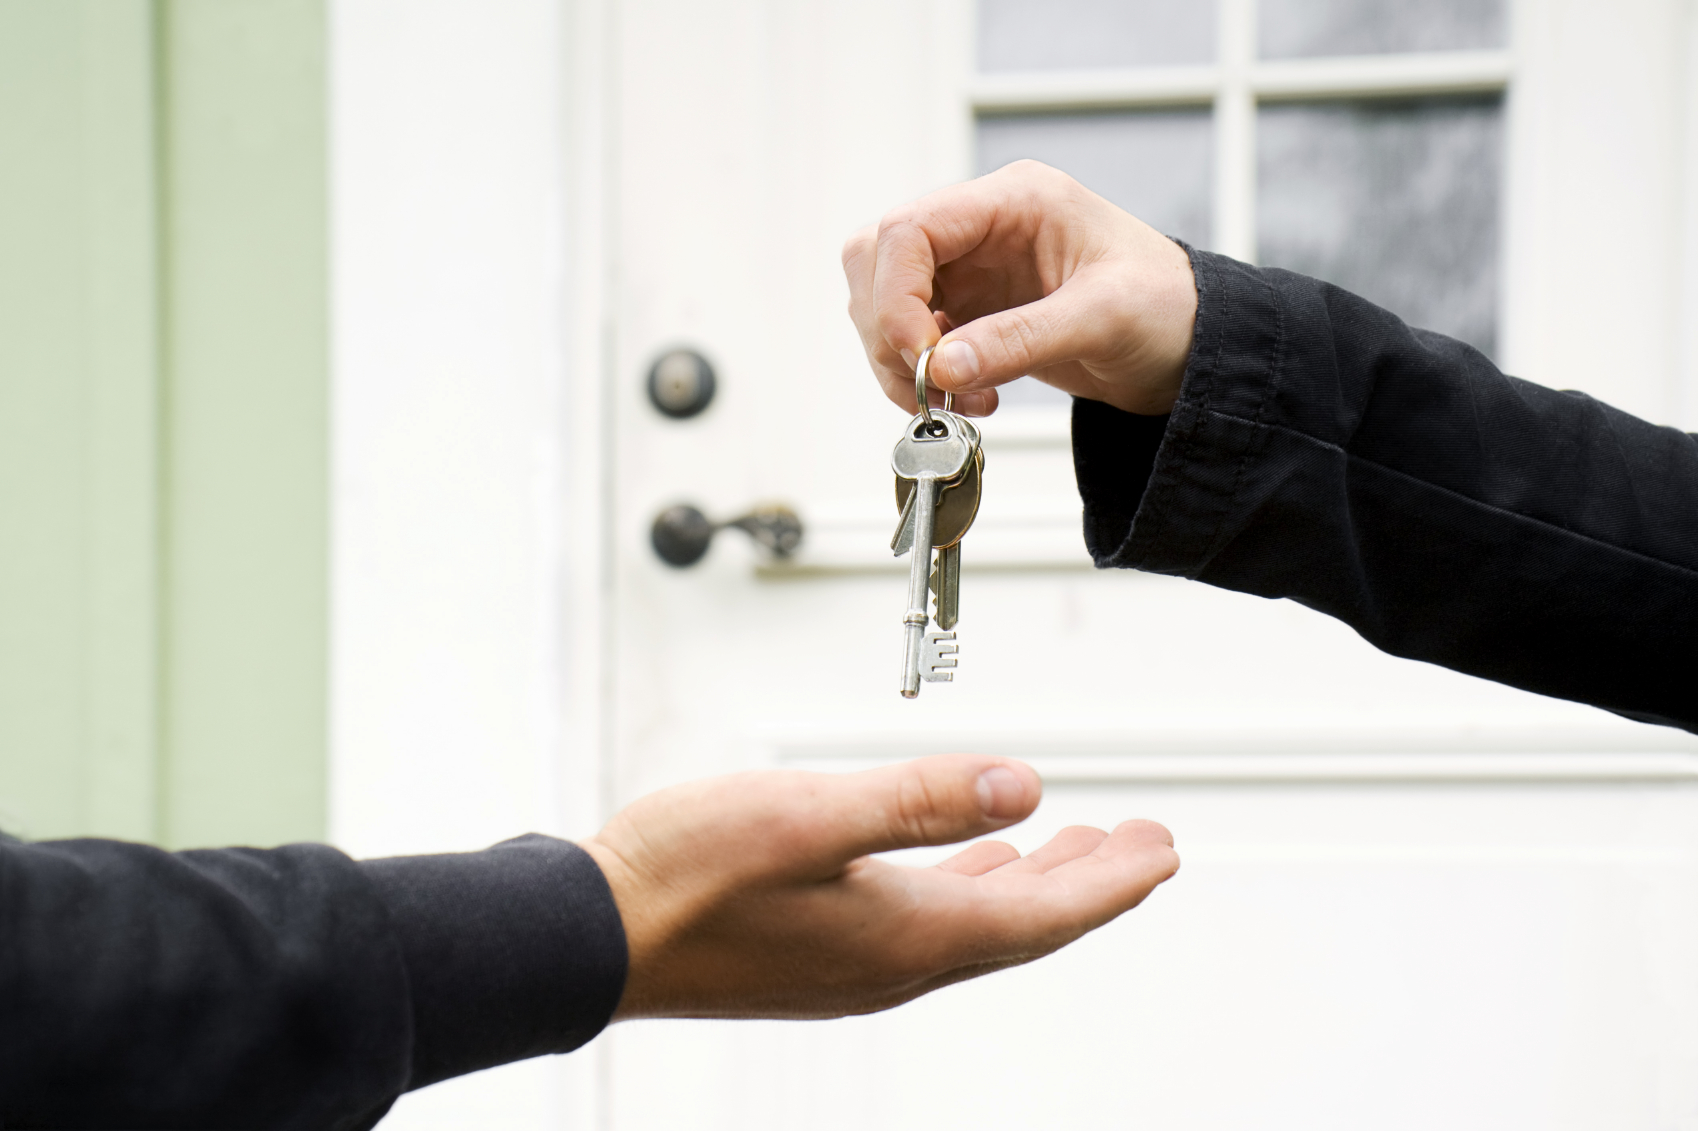 Schlüsselfertige Häuser - Immonet informiert size: 1698 x 1131 post ID: 1 File size: 0 B